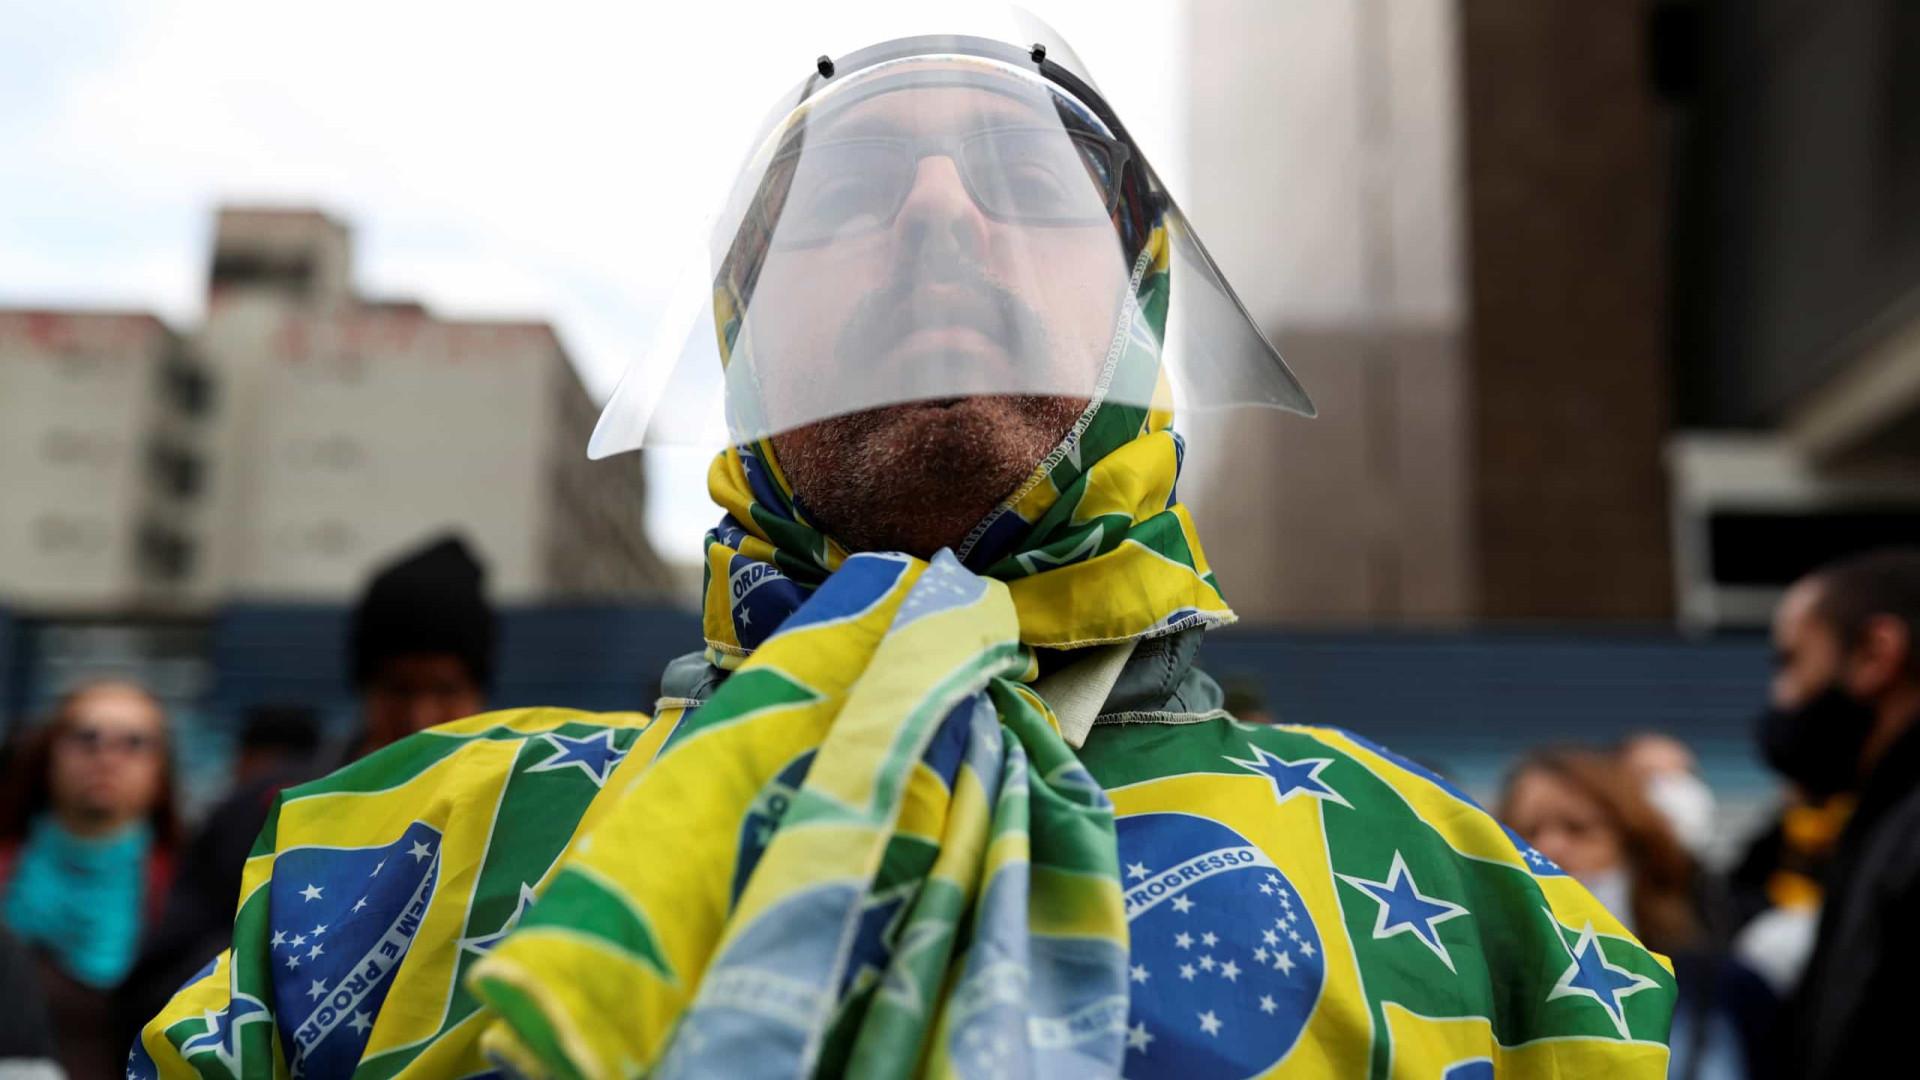 Brasil torna-se o quarto país com mais óbitos com 956 mortes